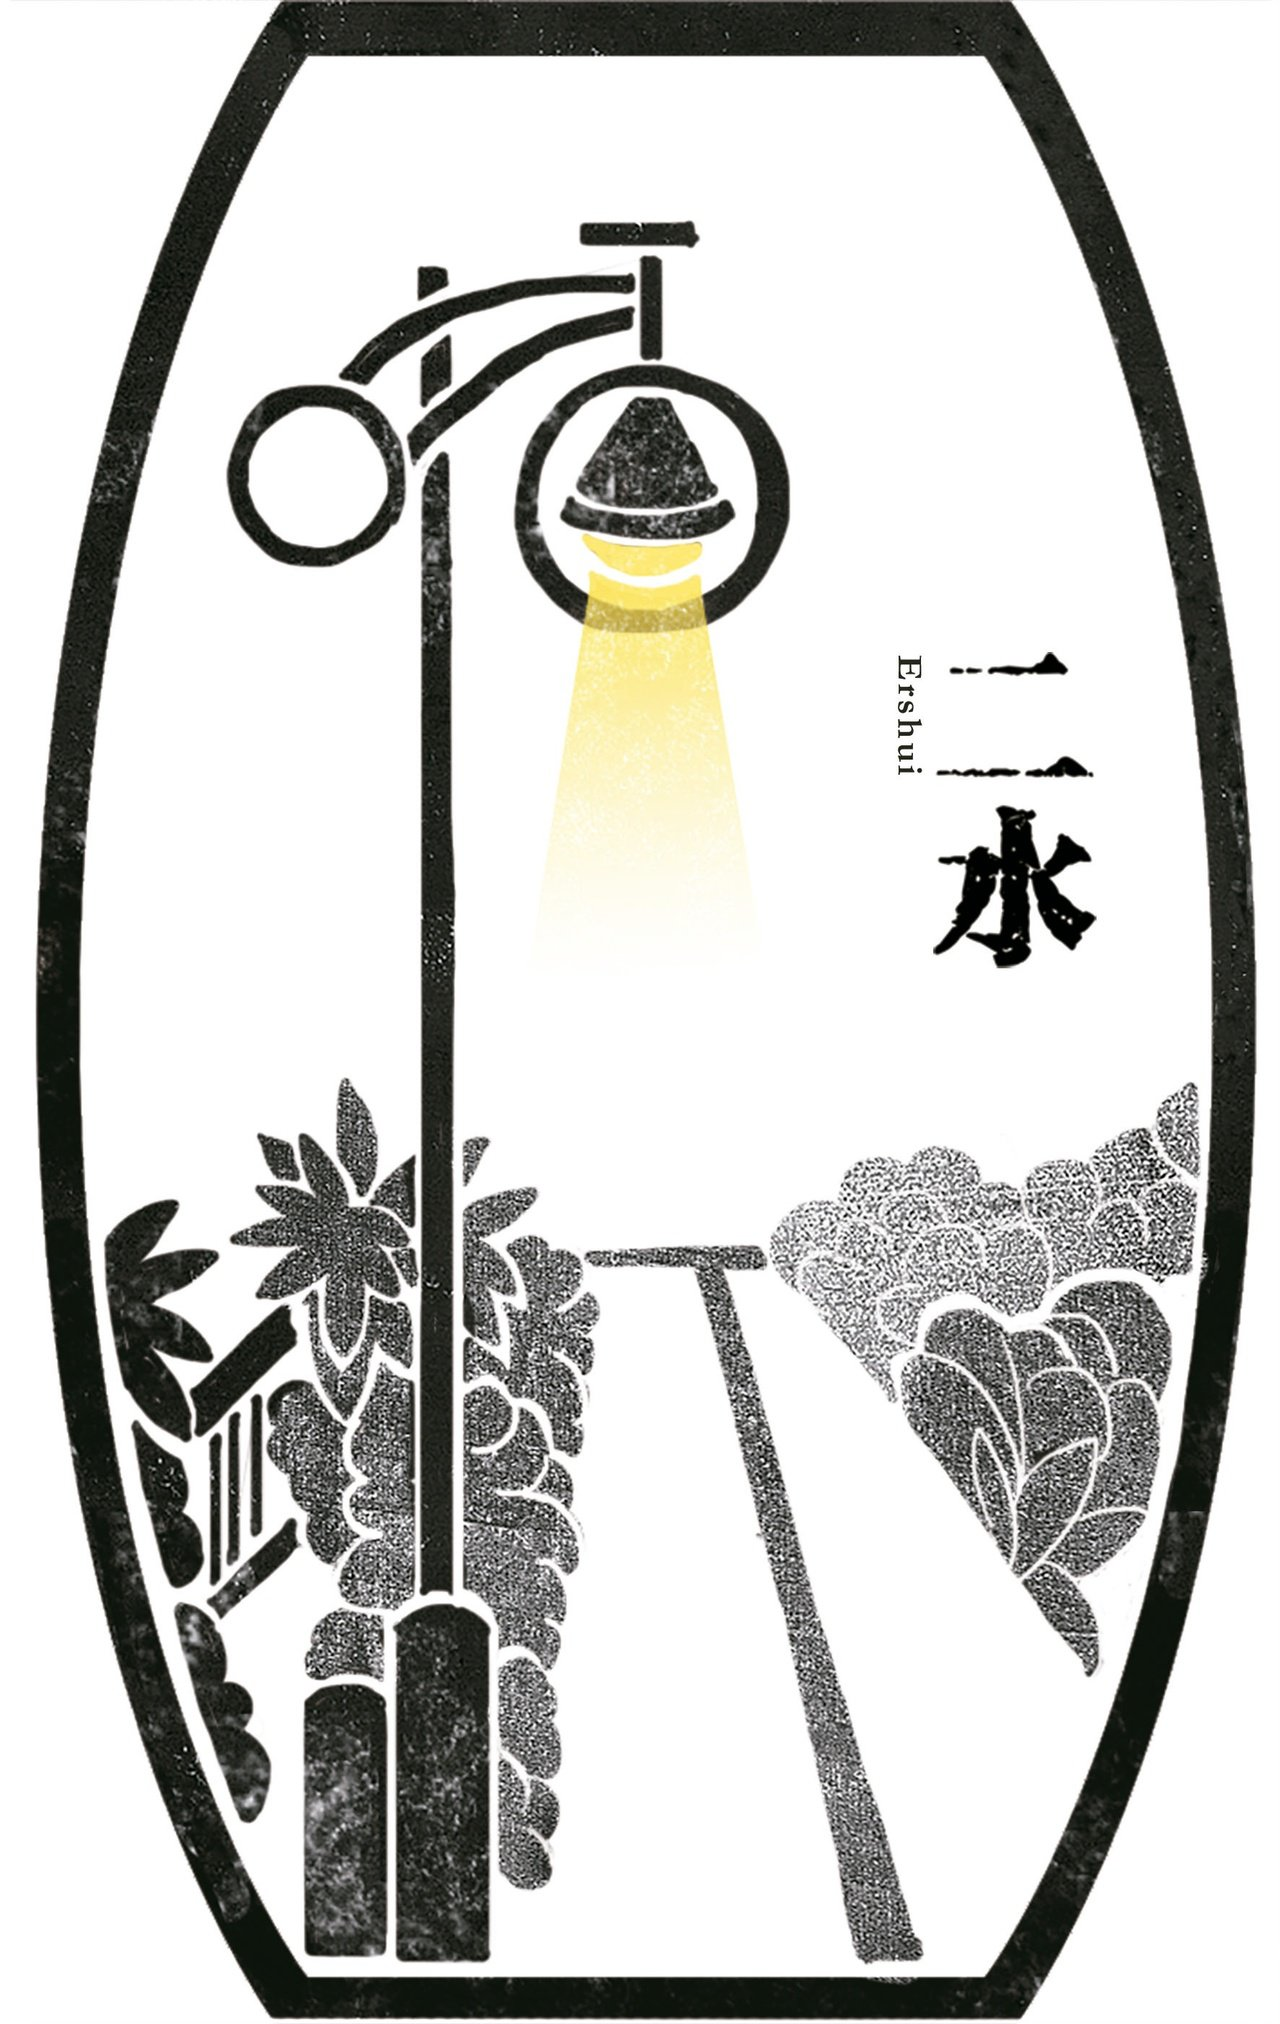 賴加瑜、潘薏心筆下的彰化二水自行車造型路燈。圖/遠流提供